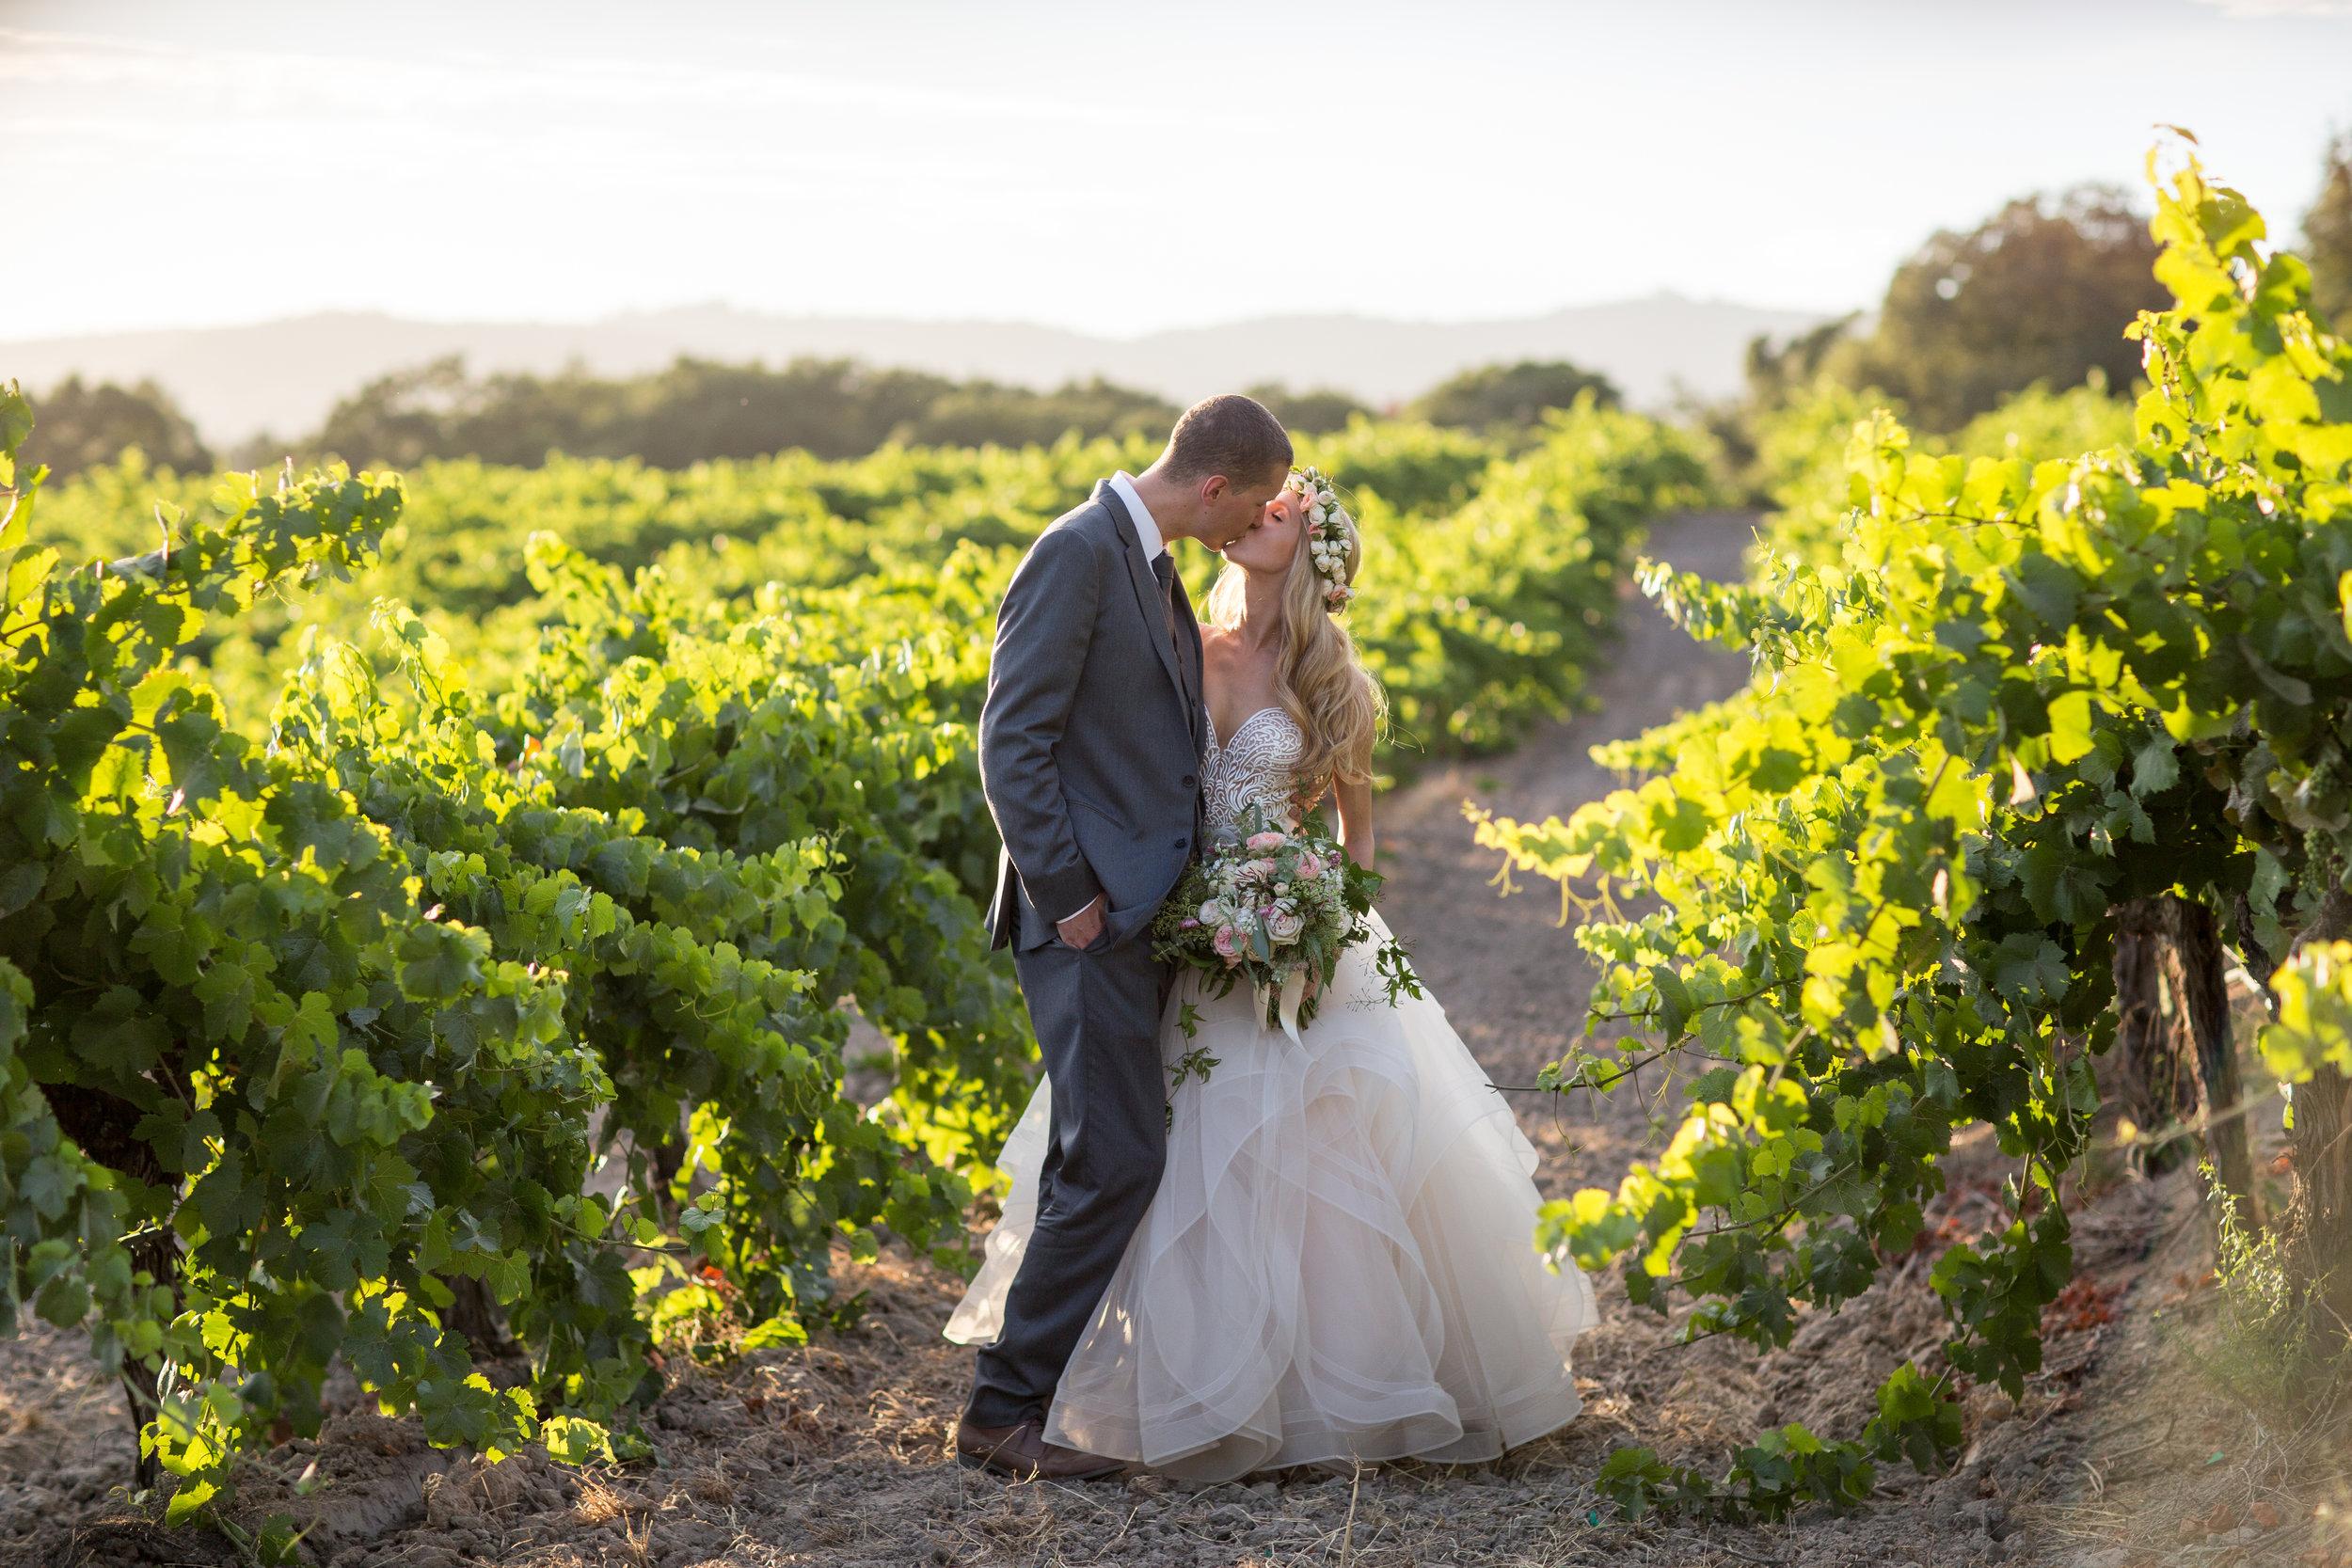 Gundlach Bundschu Winery Wedding Venue